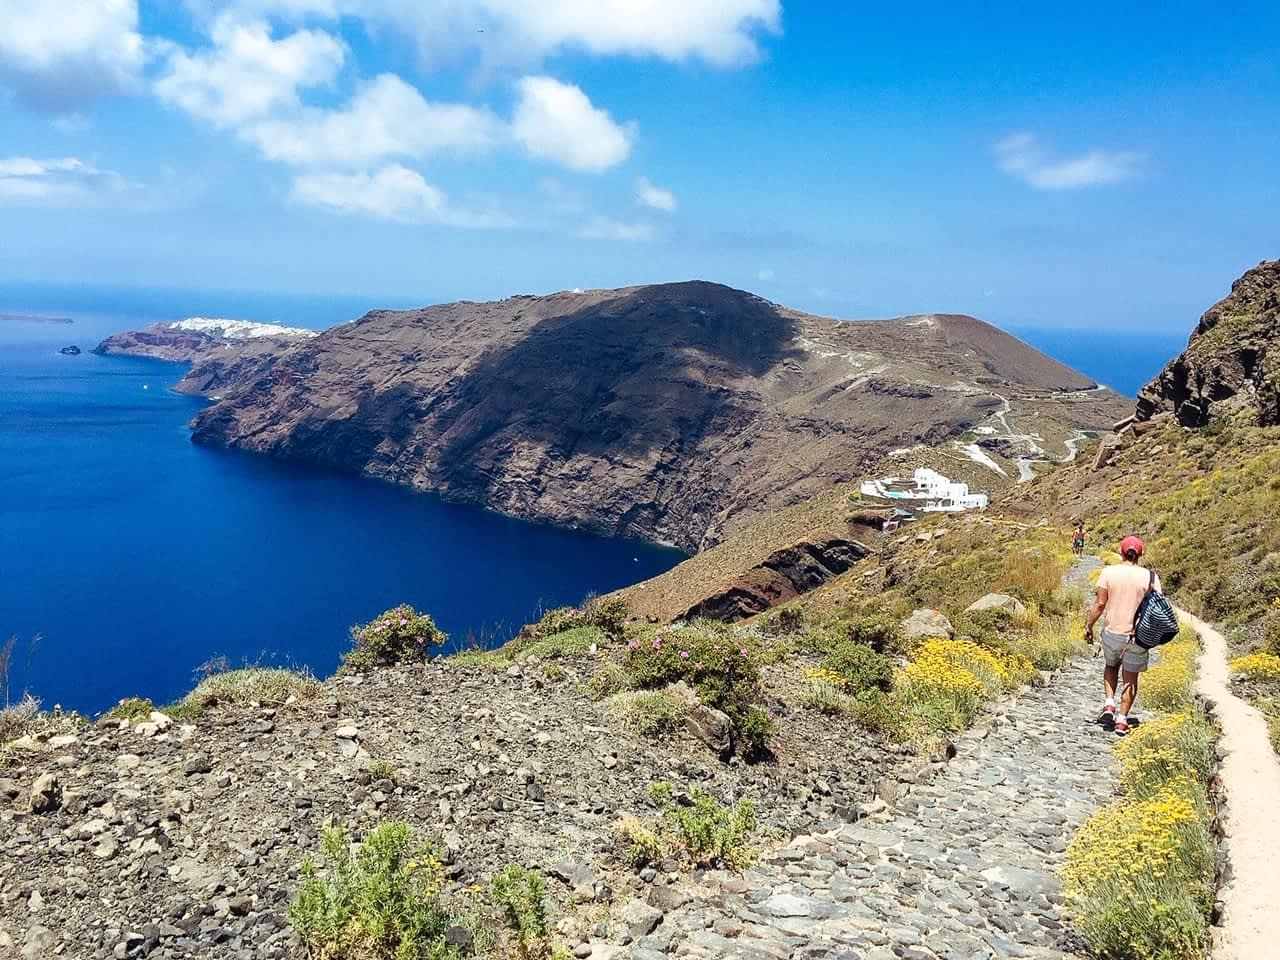 Views of the Fira to Oia hike